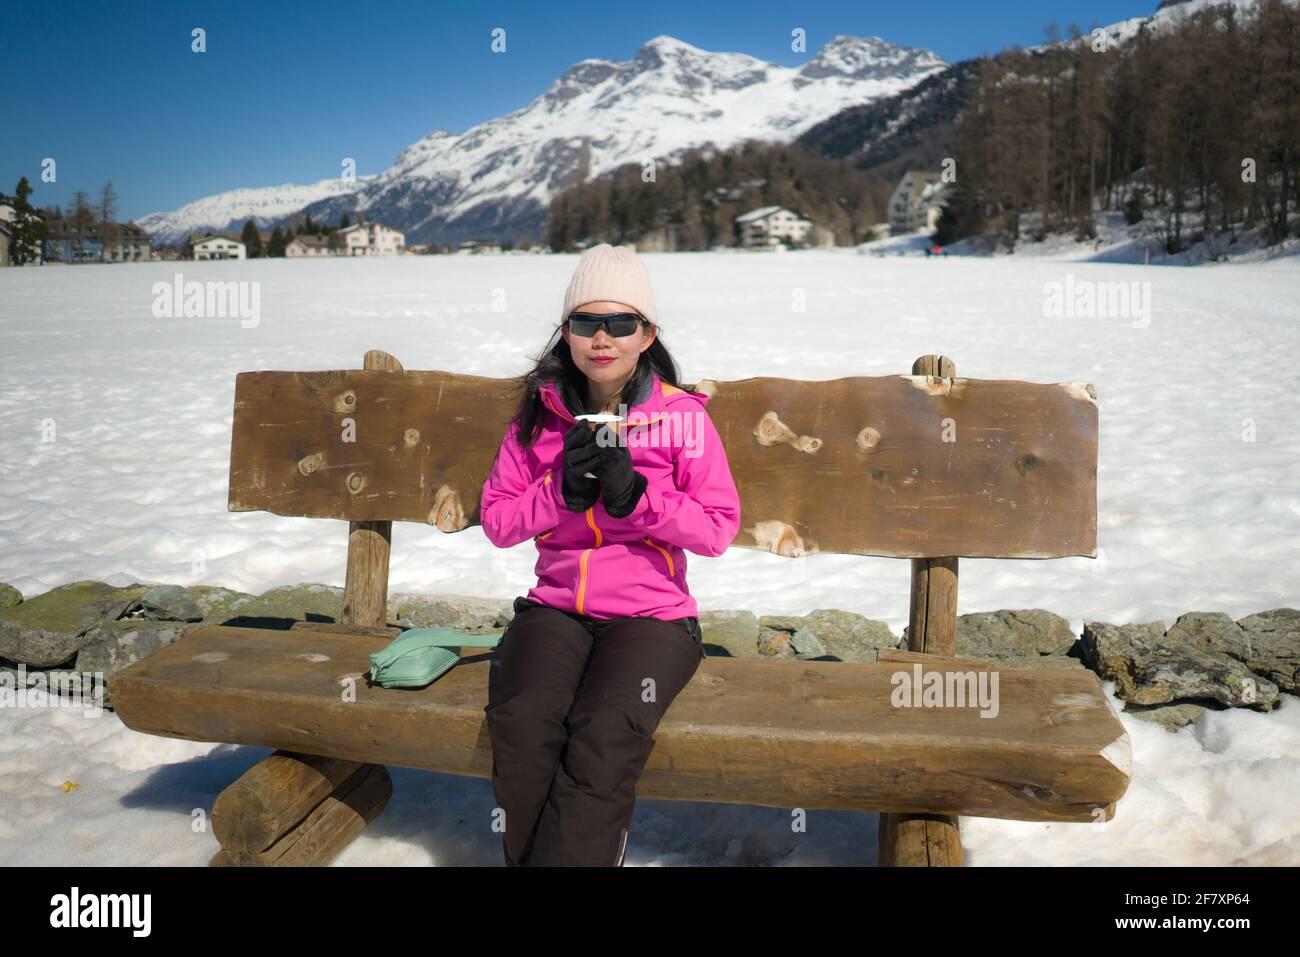 Congelación Vacaciones de invierno - jóvenes felices y hermoso asiático coreano mujer en el banco en el paisaje helado del lago rodeado de nieve Montañas disfrutando de Suiza Foto de stock